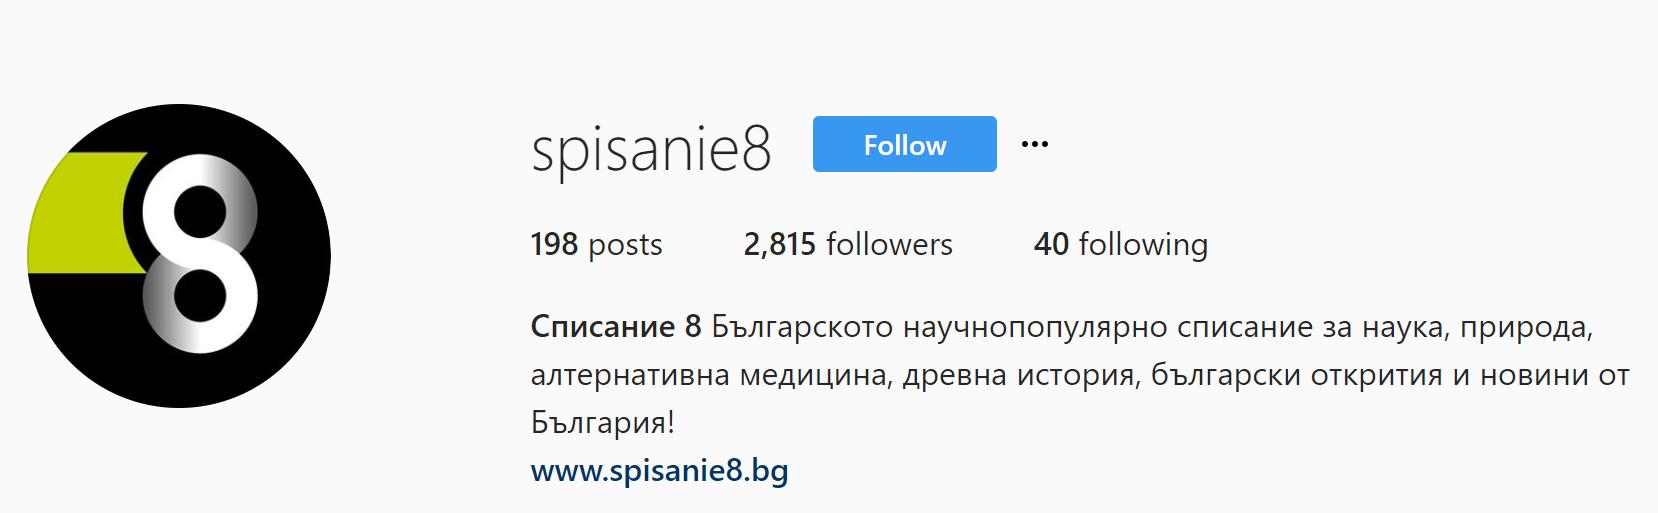 Списание Осем Instagram име